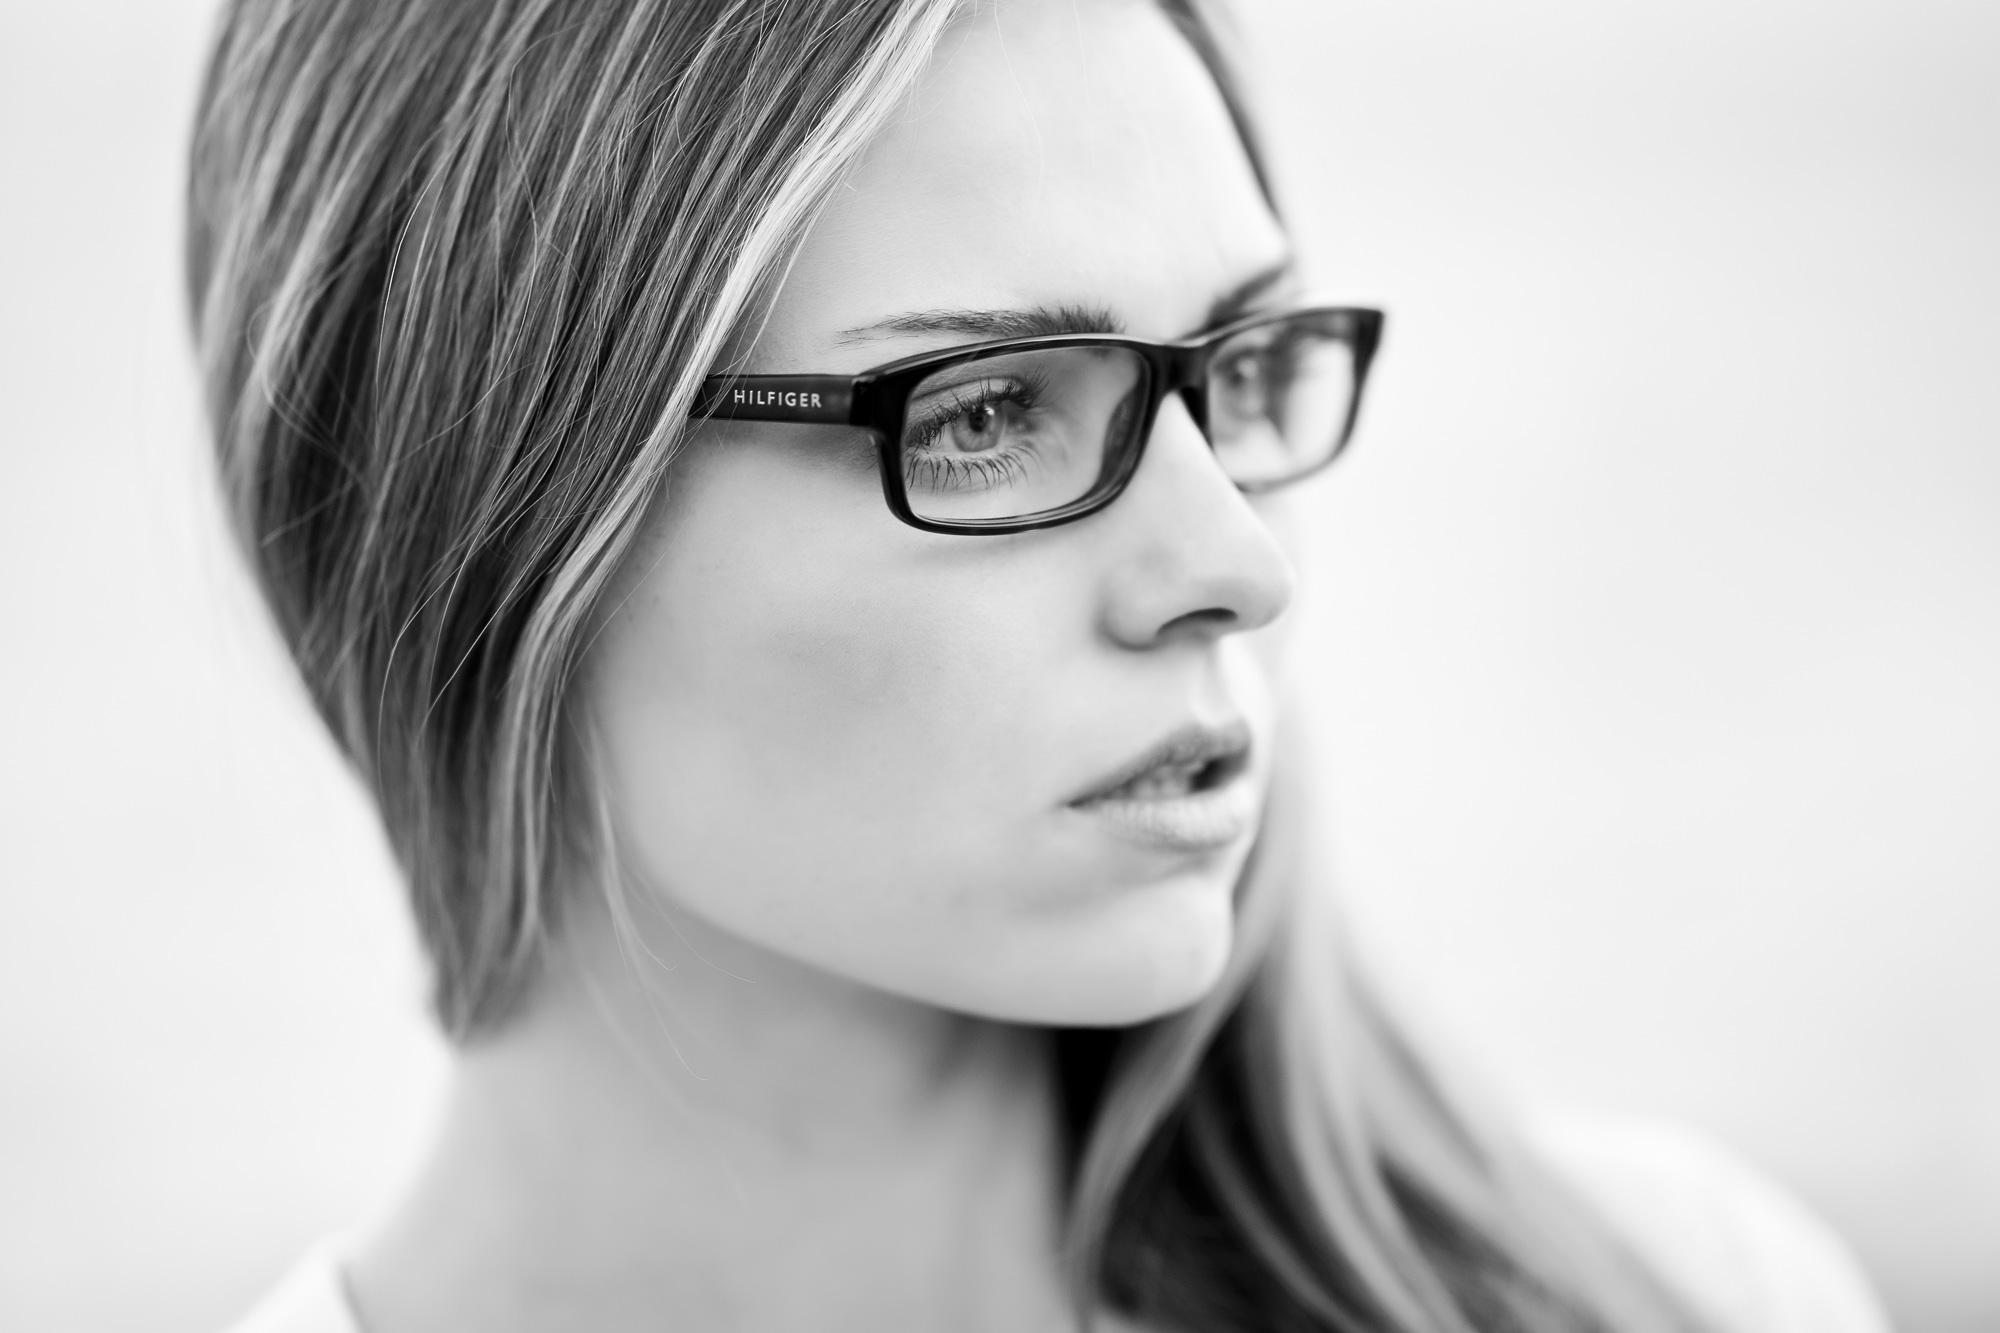 Beste Optiker Grad Bilder - Anatomie Und Physiologie Knochen Bilder ...